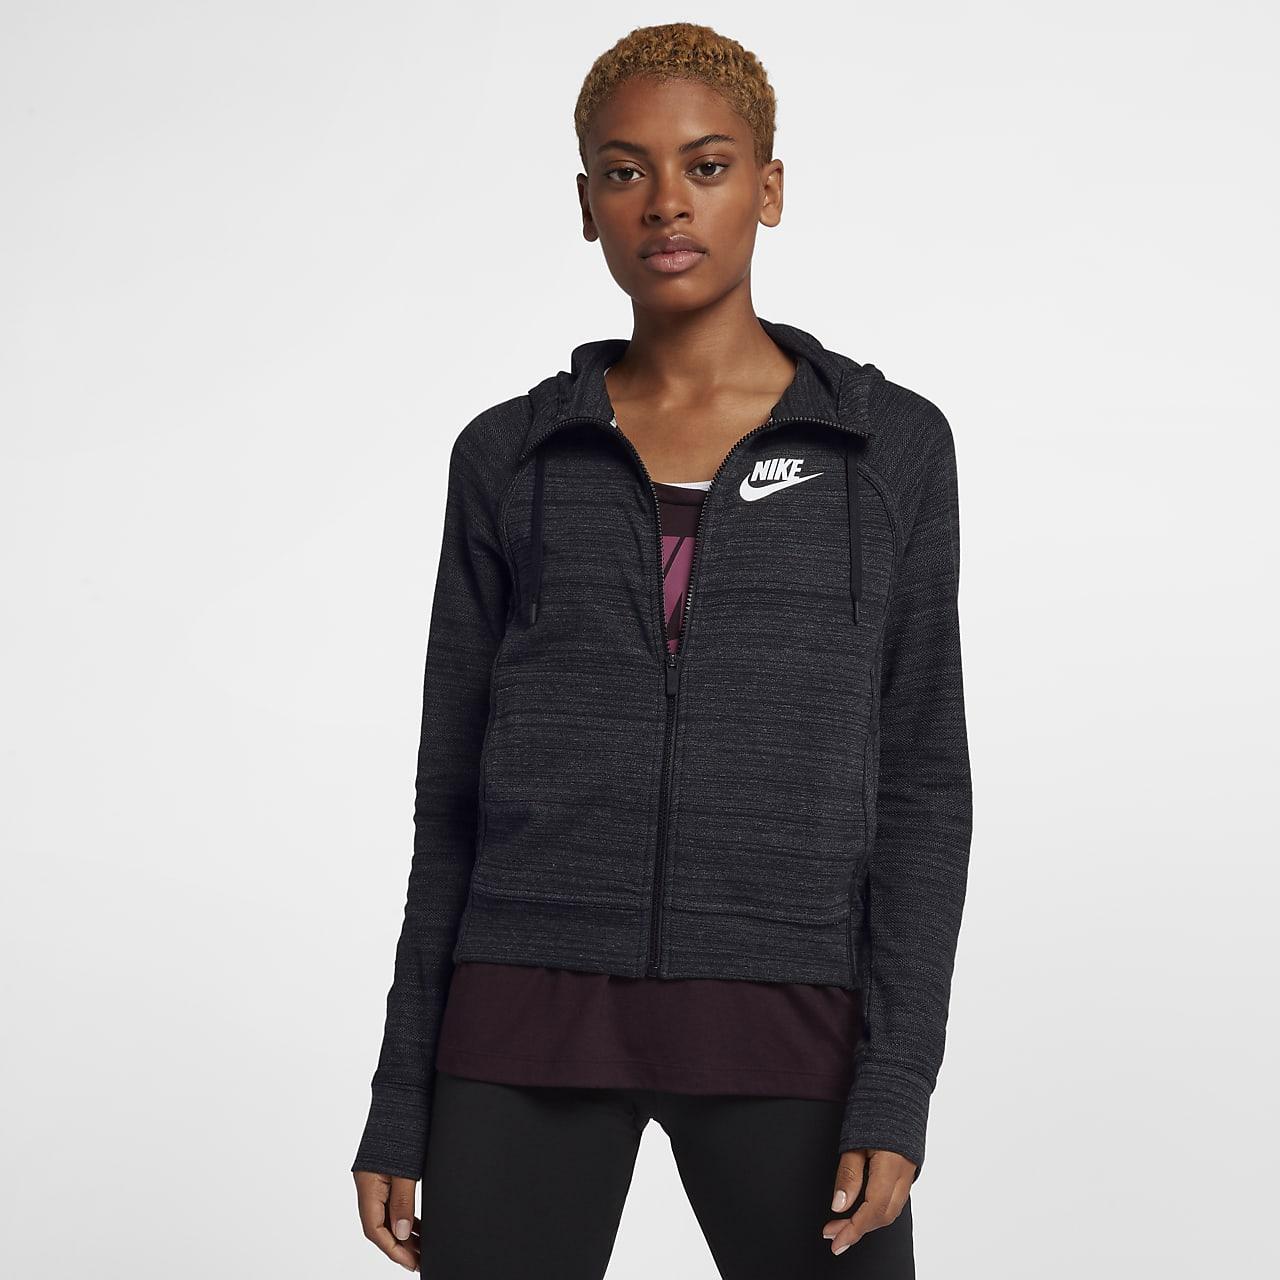 Nike Sportswear Advance 15 Örgü Kadın Ceketi